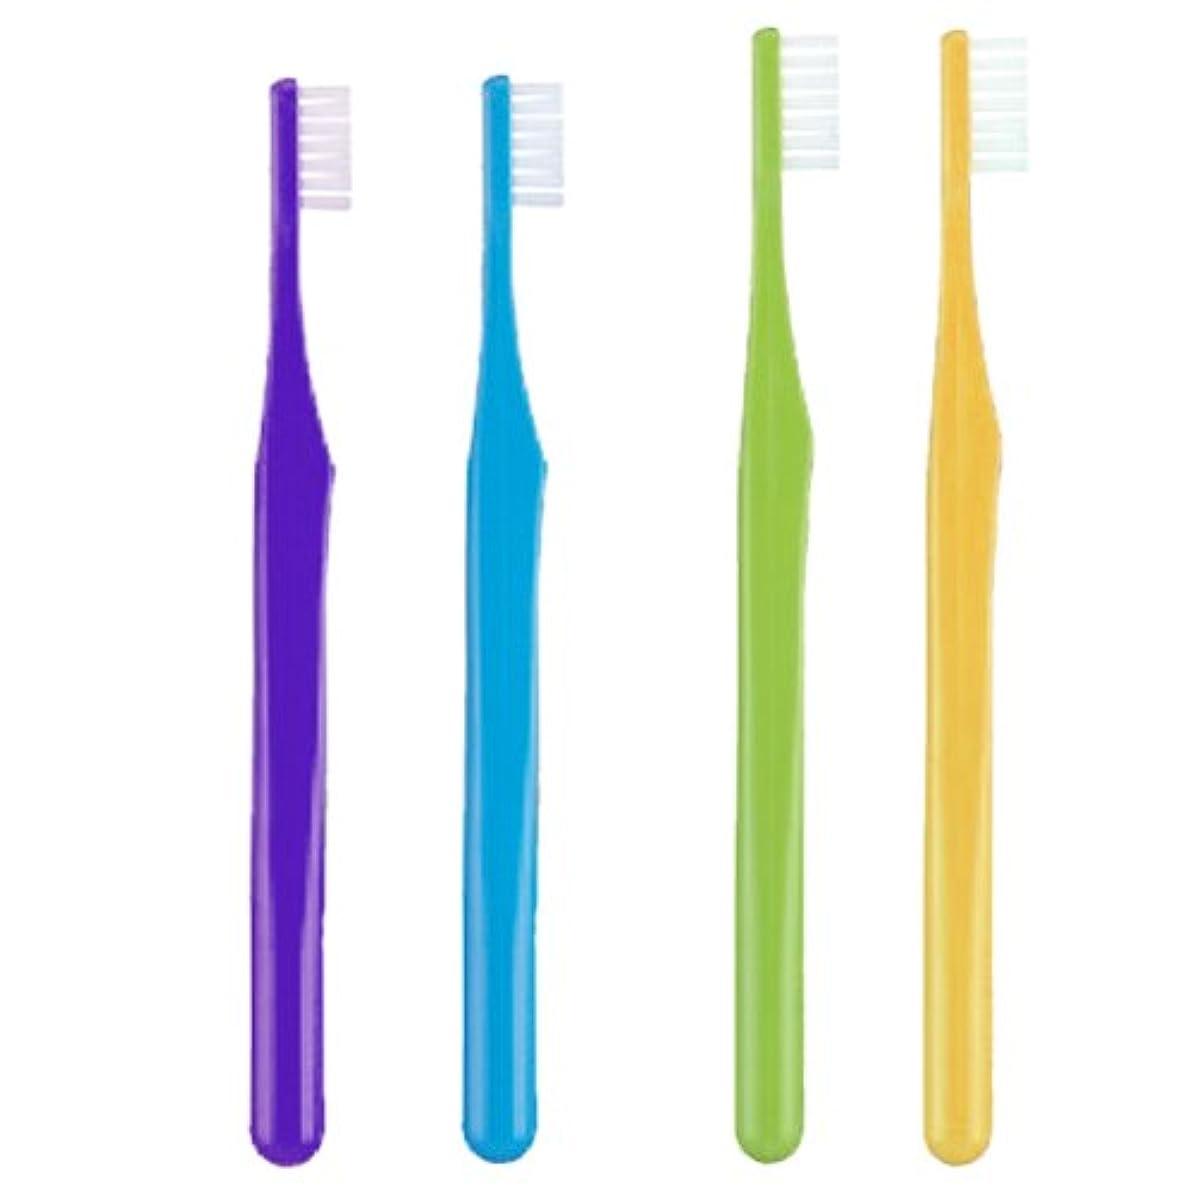 シーフード針ハミングバードプロスペックプラス歯ブラシ1本タイニー/スモール (タイニー)